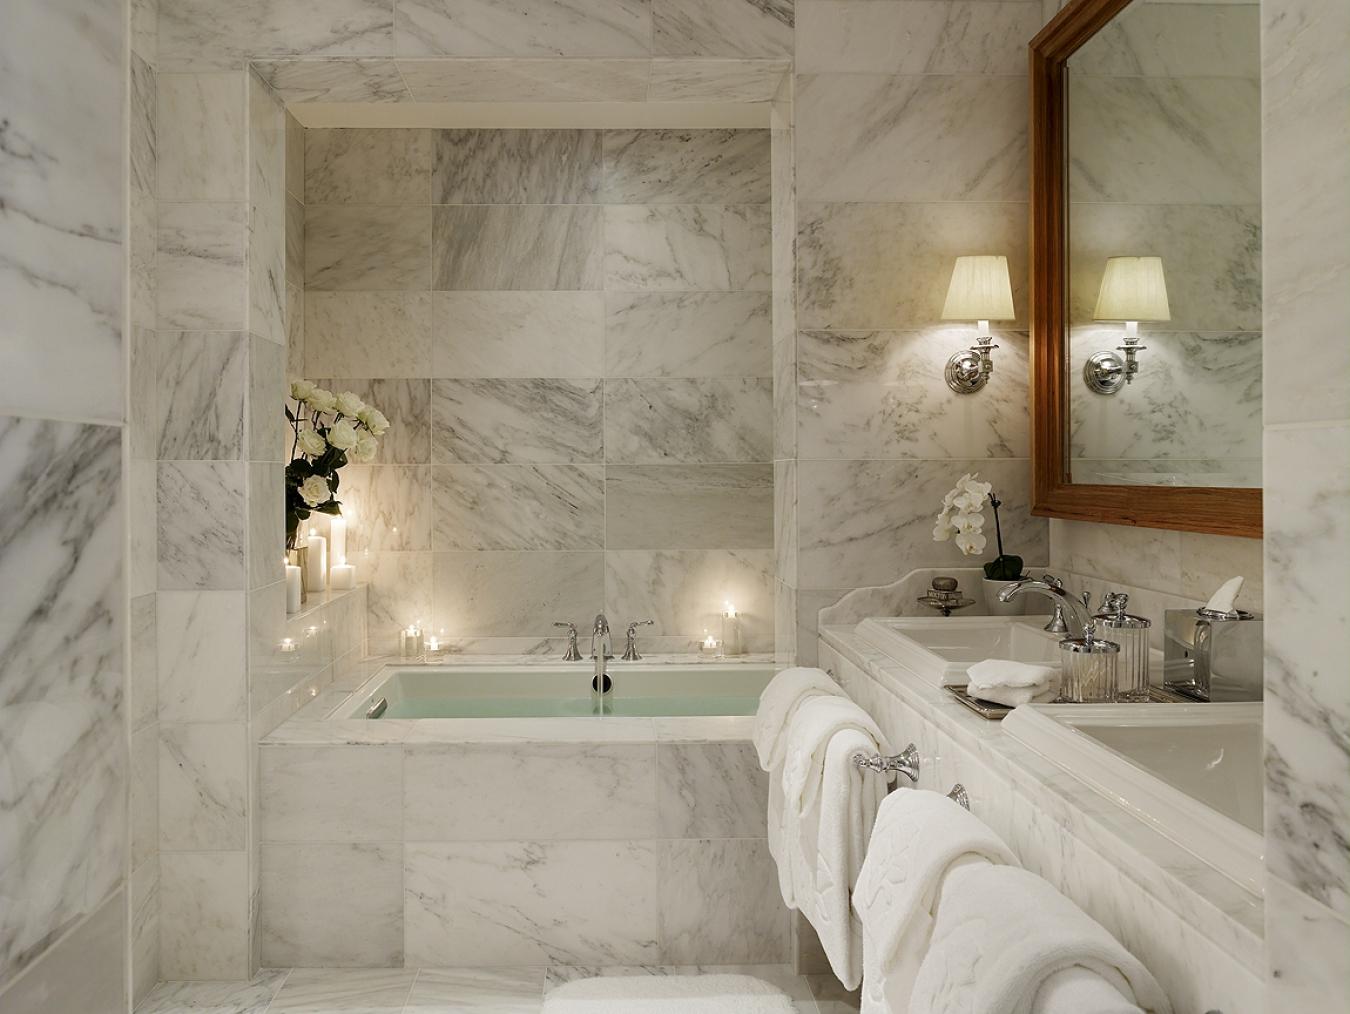 Интерьер ванной комнаты в классическом стиле картинка